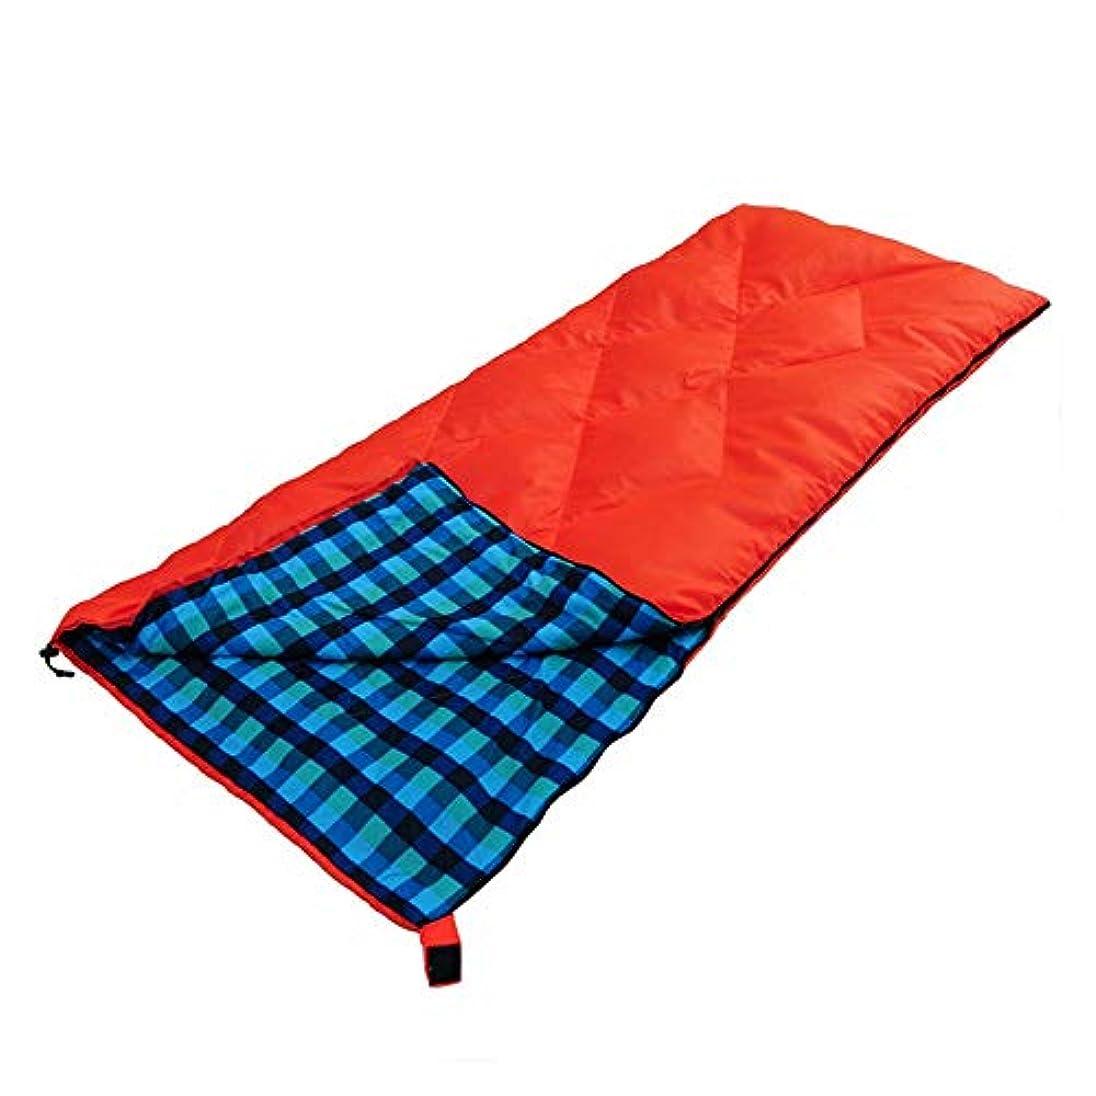 ピジン打倒気を散らす寝袋キルト3シーズンキャンプブッシュ屋外屋外 秋と冬の屋外の大人の寝袋のキャンプのキャンプ、暖かい350g満ちることおよび換気、防水生地 さまざまな色とサイズで利用可能